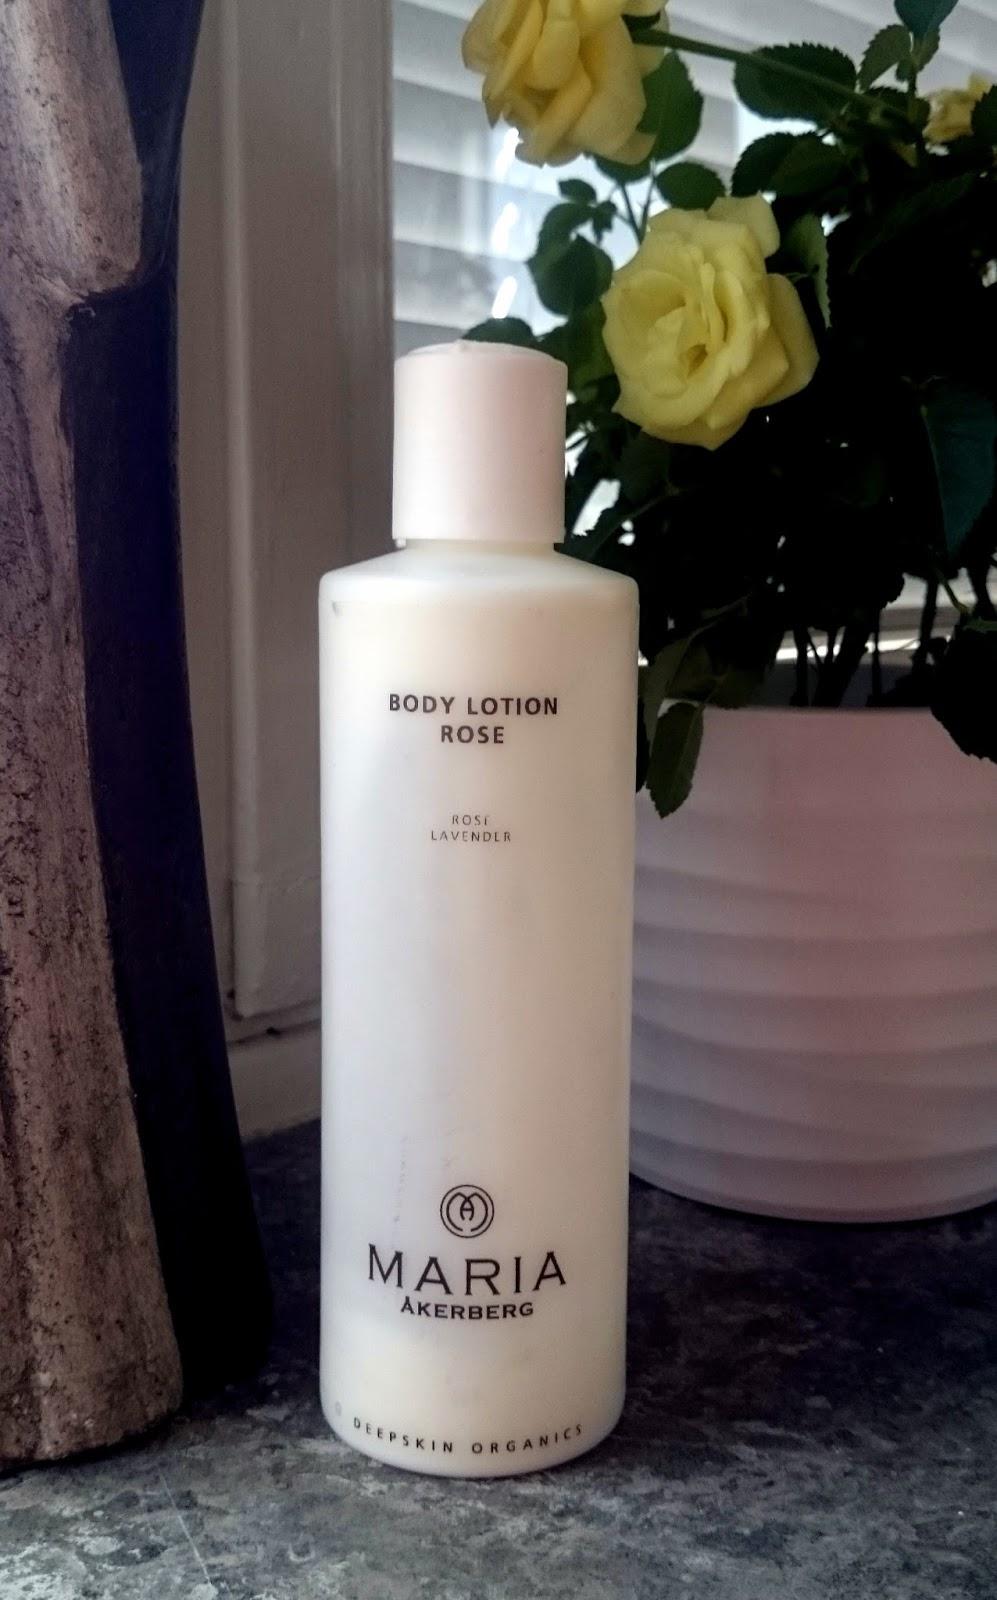 maria åkerberg body lotion beautiful